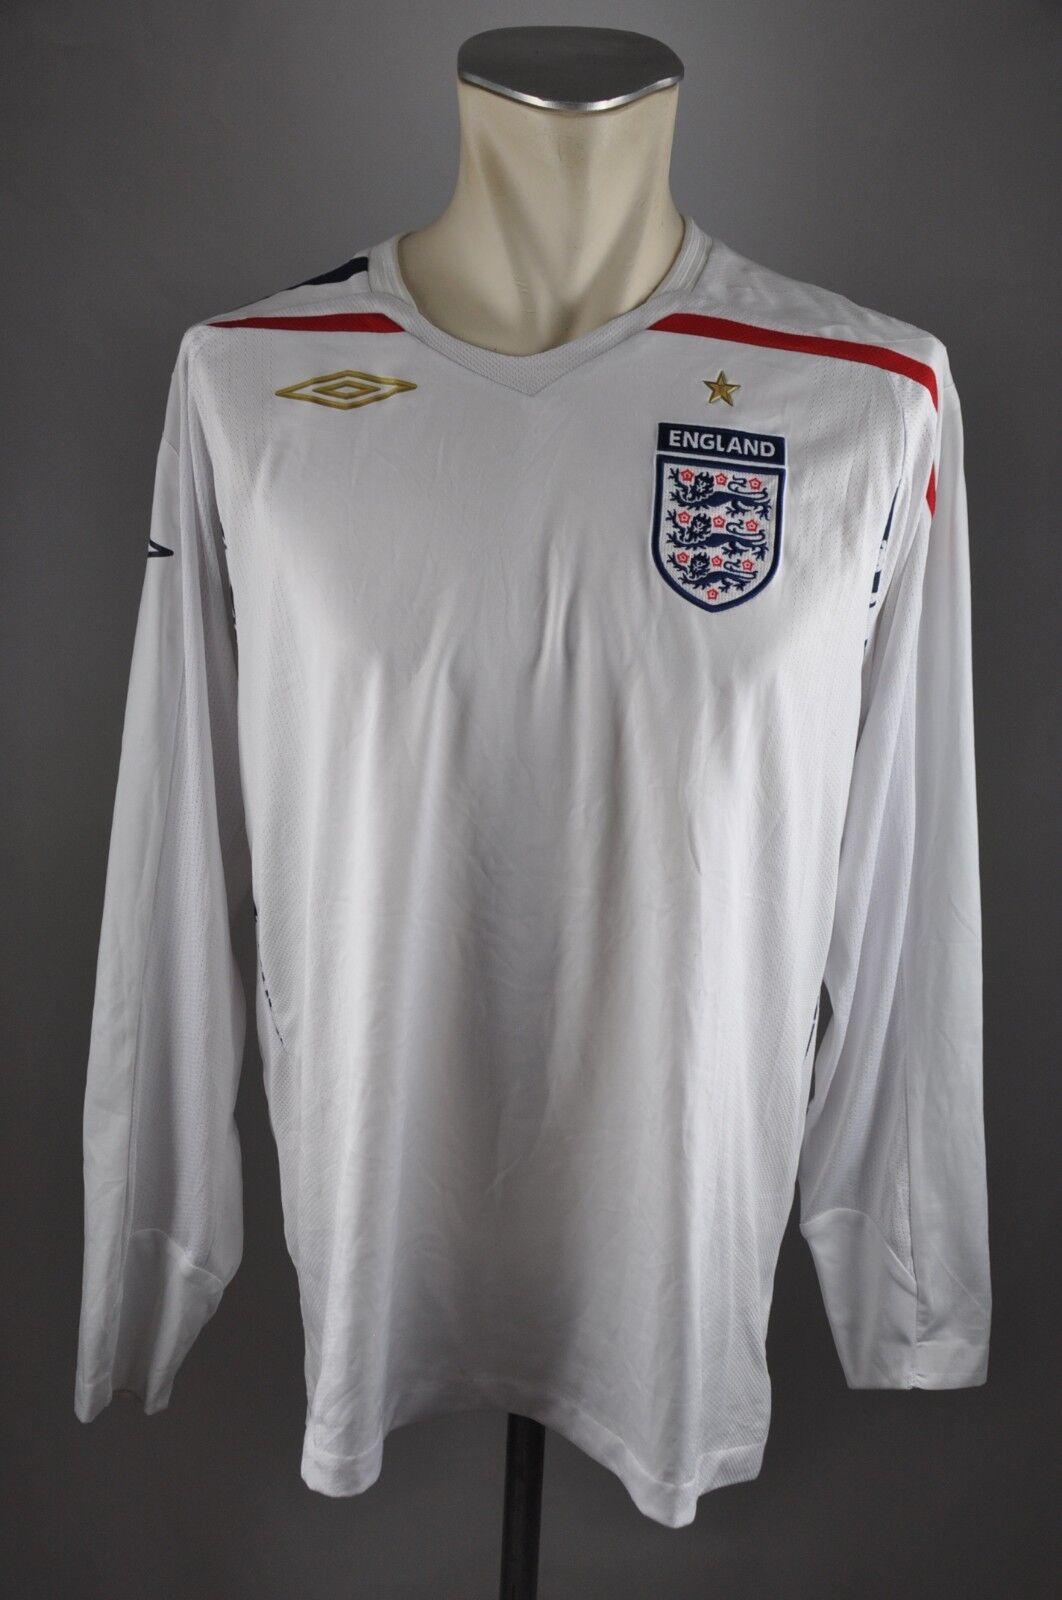 England 2008 Trikot 2008 England Gr. L Umbro Jersey LS WM Shirt Home weiß Weltmeisterschaft 747a17